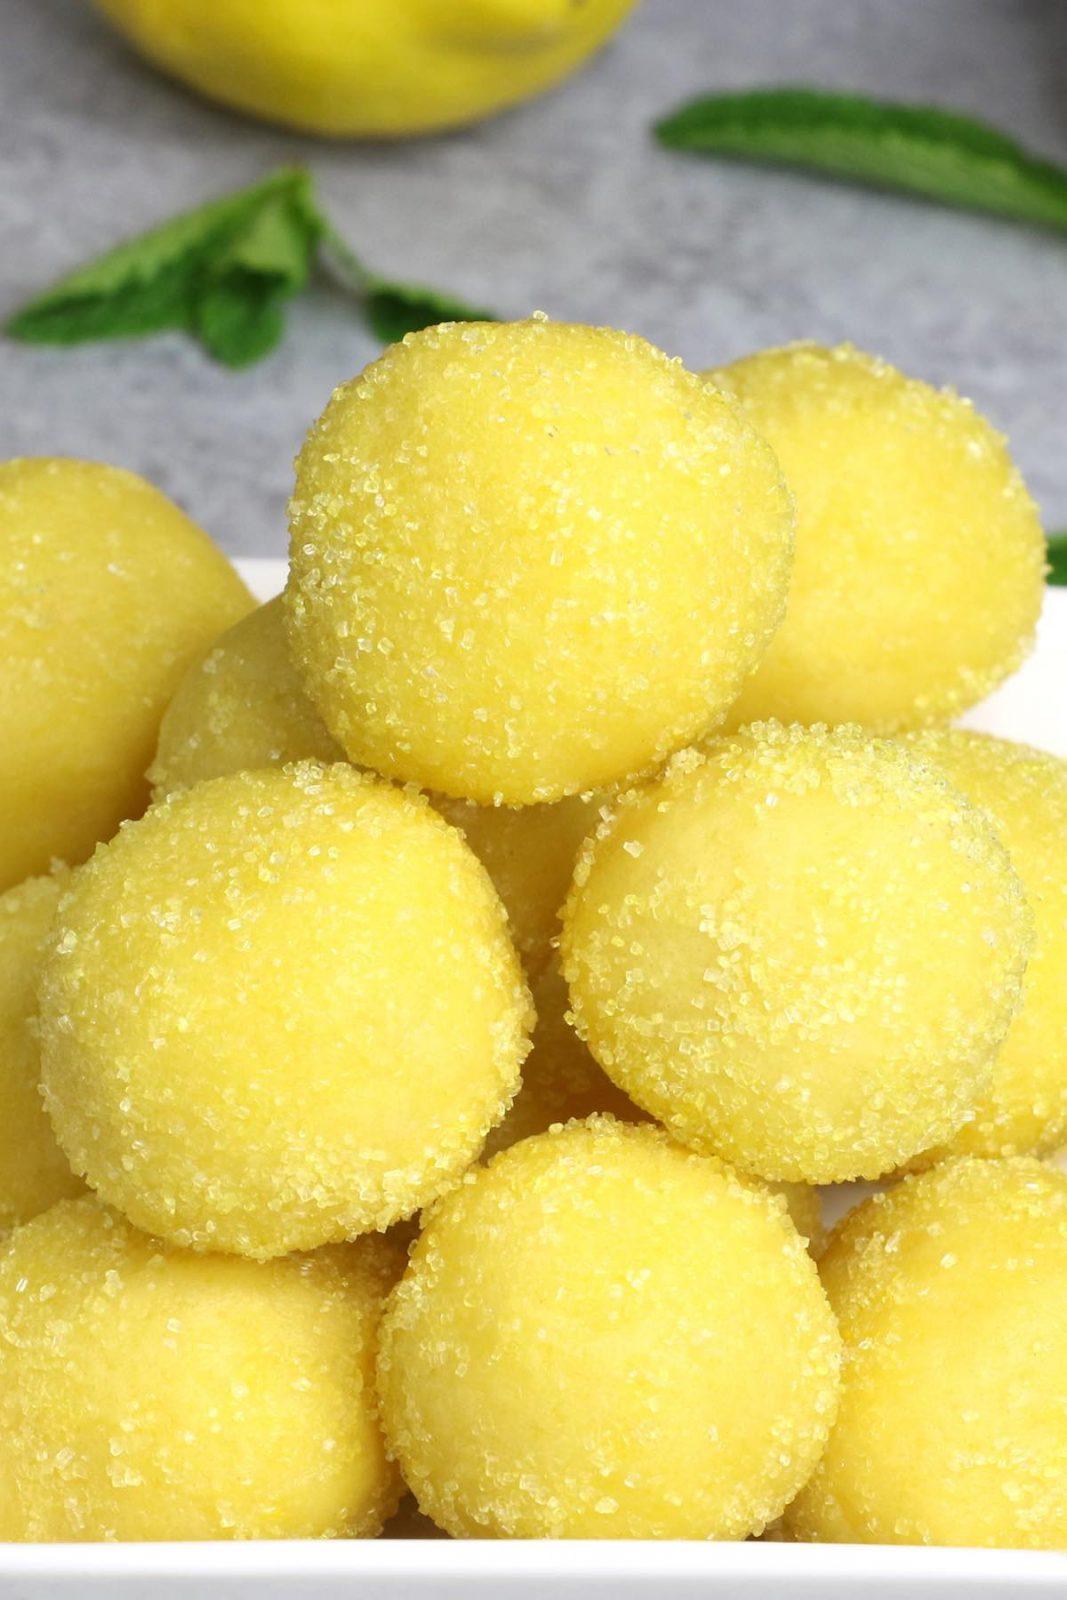 Homemade lemon truffles on a white plate.